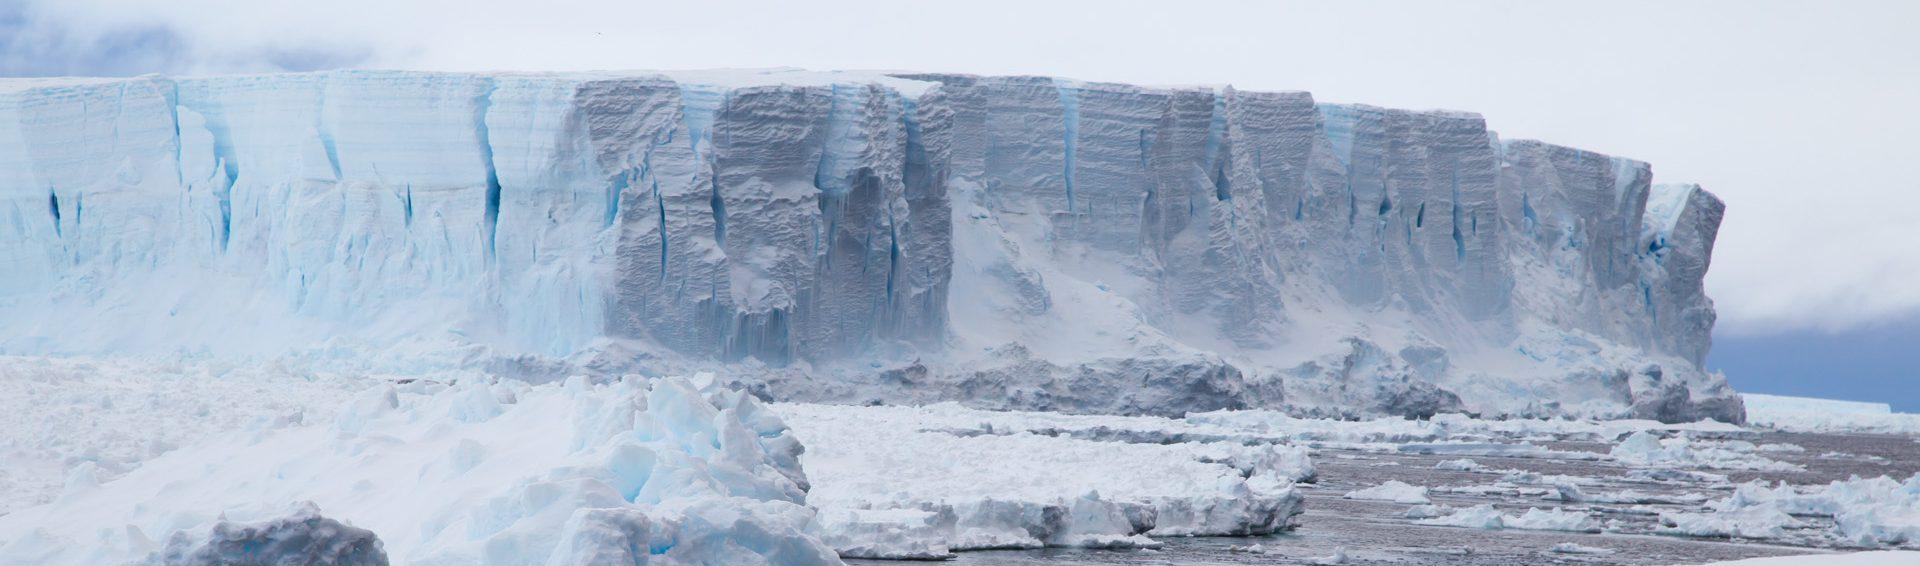 Antarktisexpedition – Zusammenfassung und Bilder